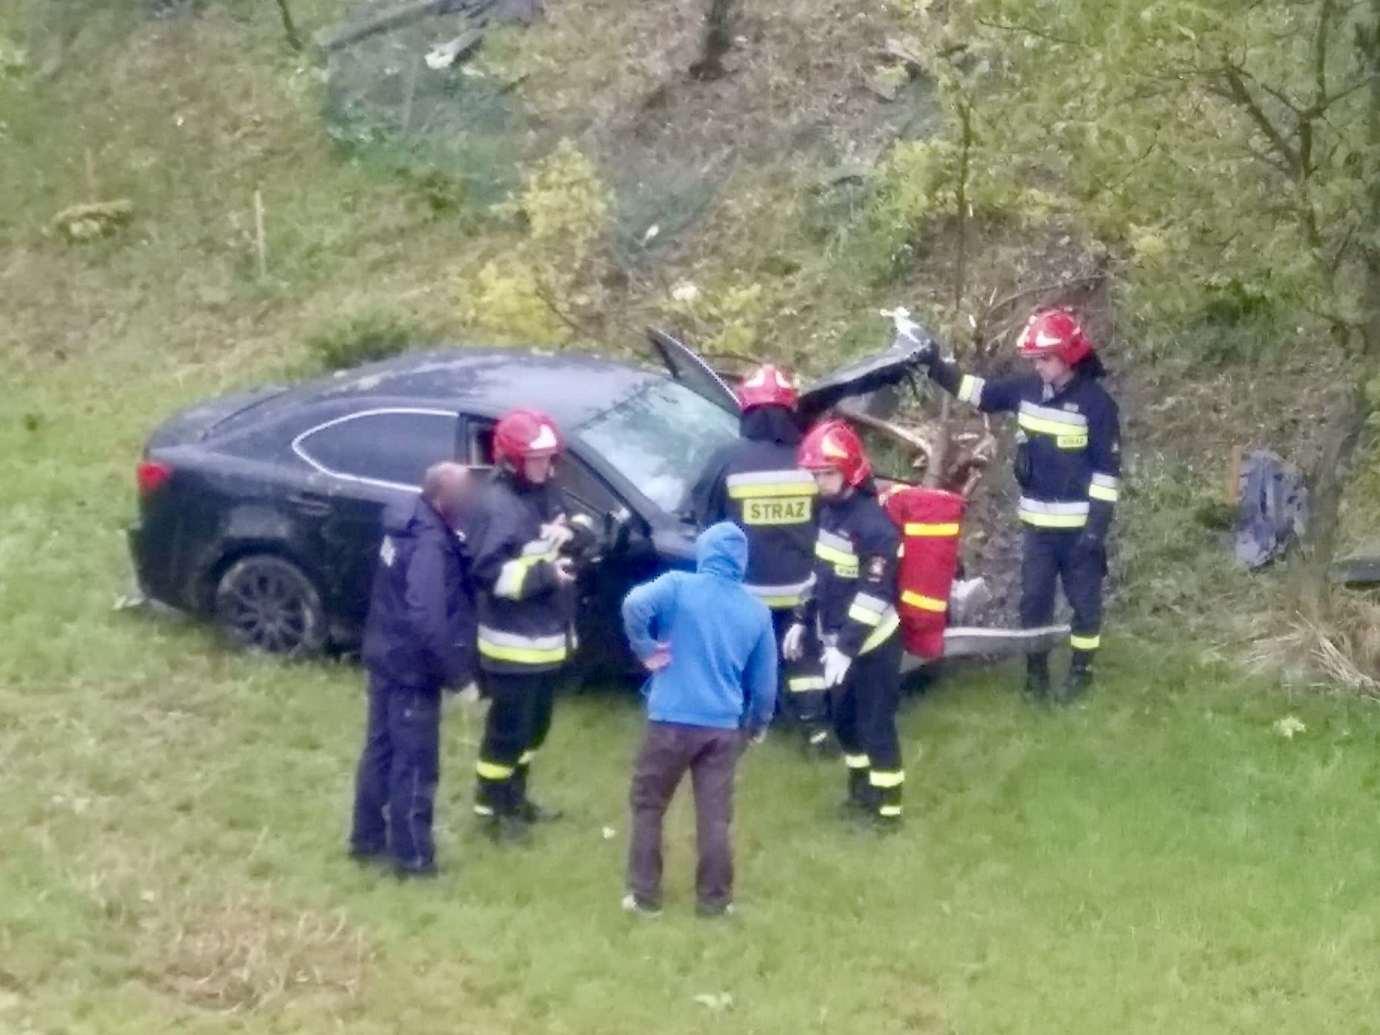 img 9247 Zamość: Mogło dojść do tragedii! Samochód wypadł z drogi i wpadł na teren placu zabaw.